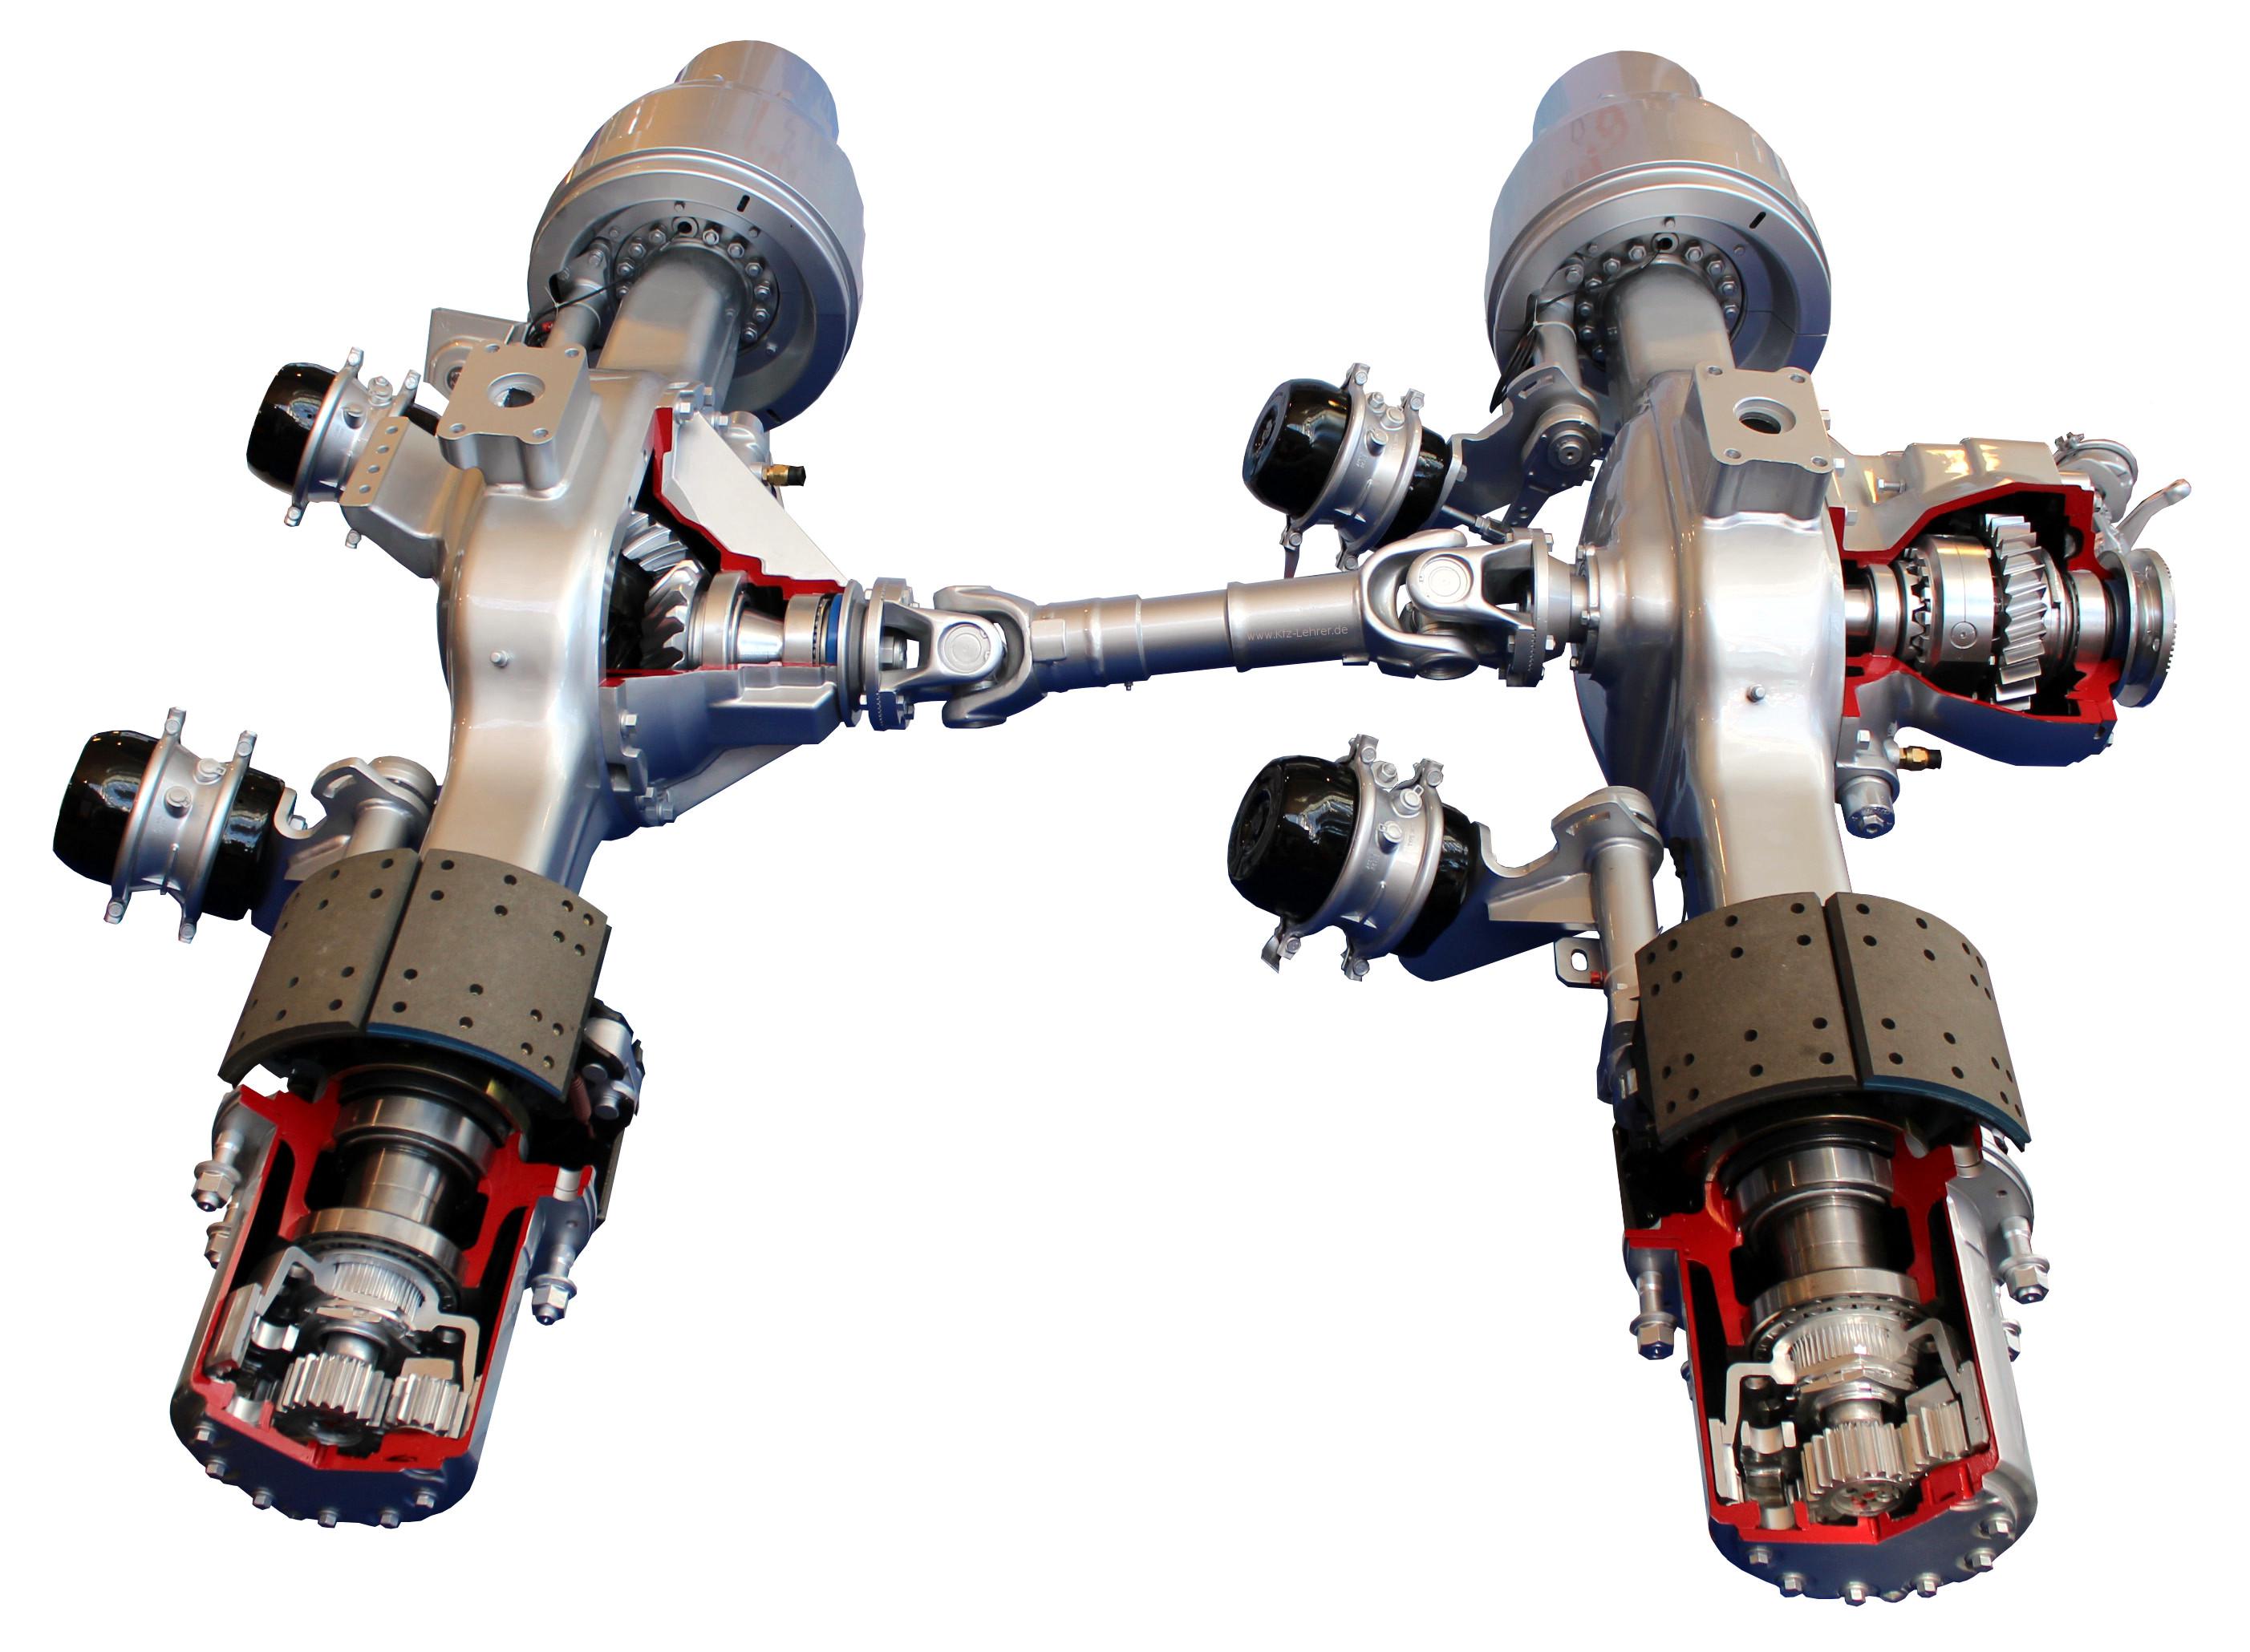 Blick auf zwei miteinander verbundenen angetriebenen Lkw-Achsen im Schnitt